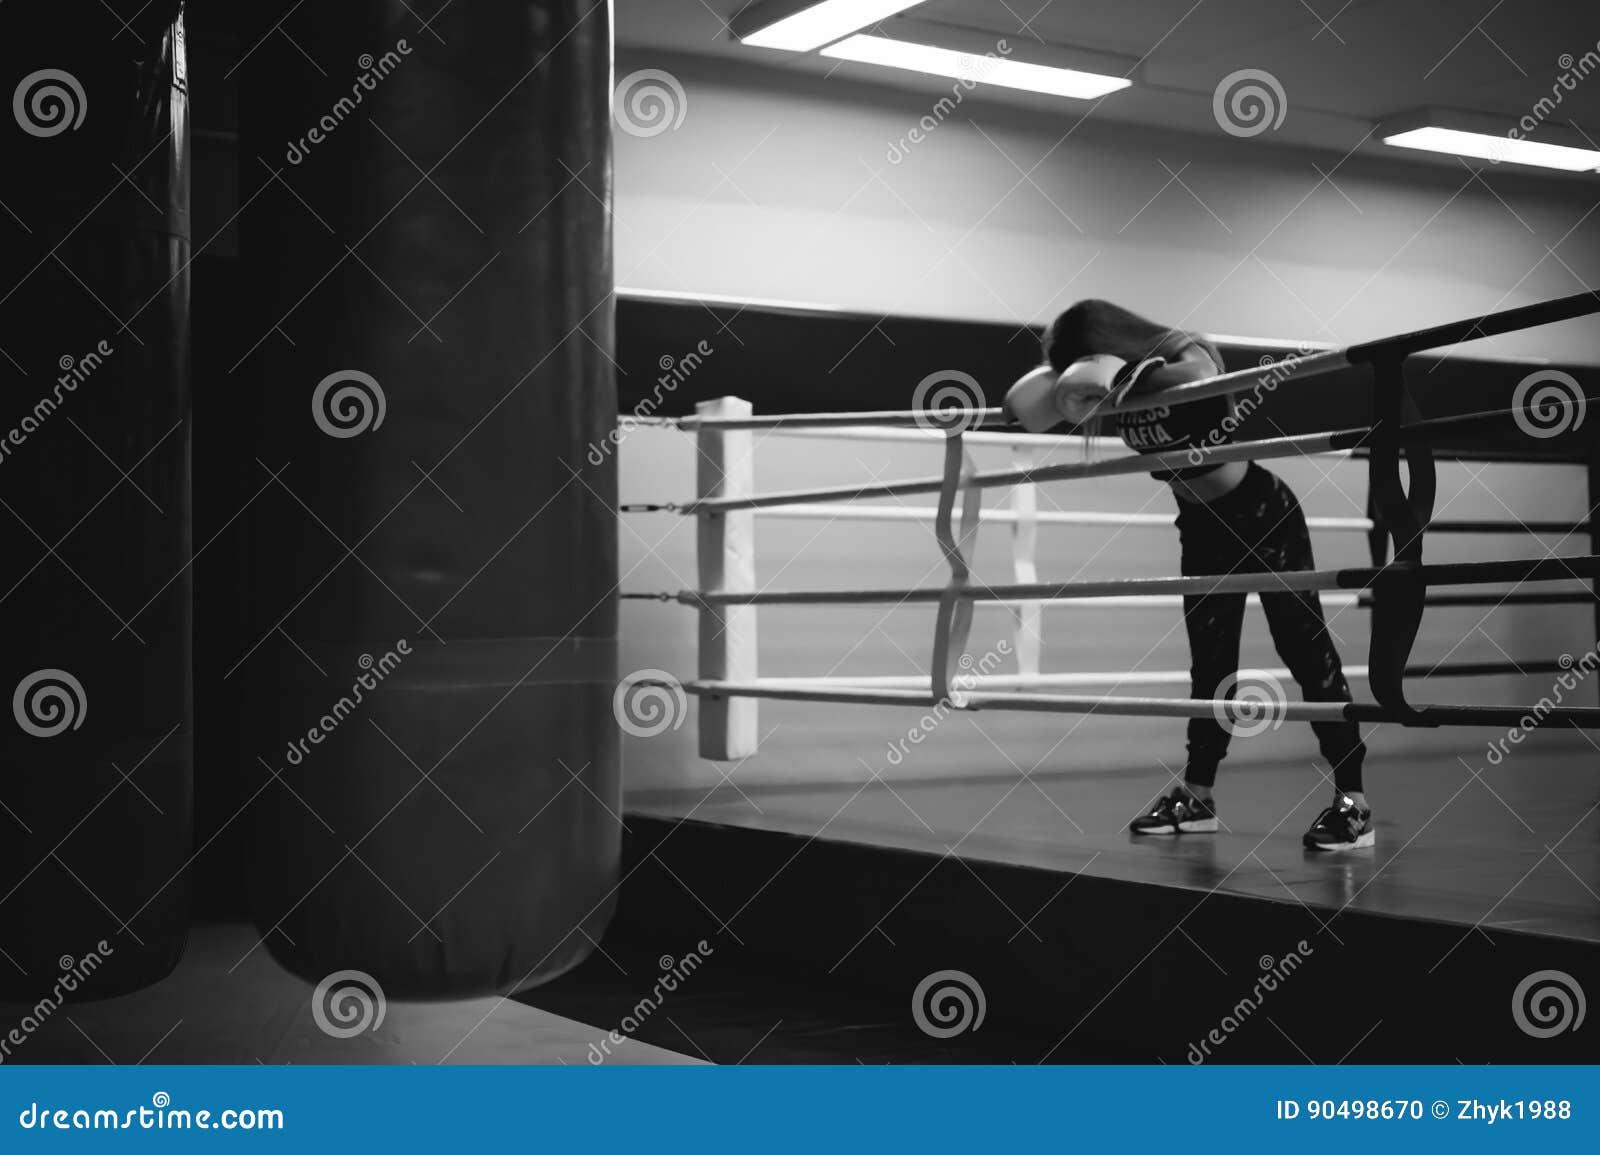 Черно белое фото мужской спины номинант